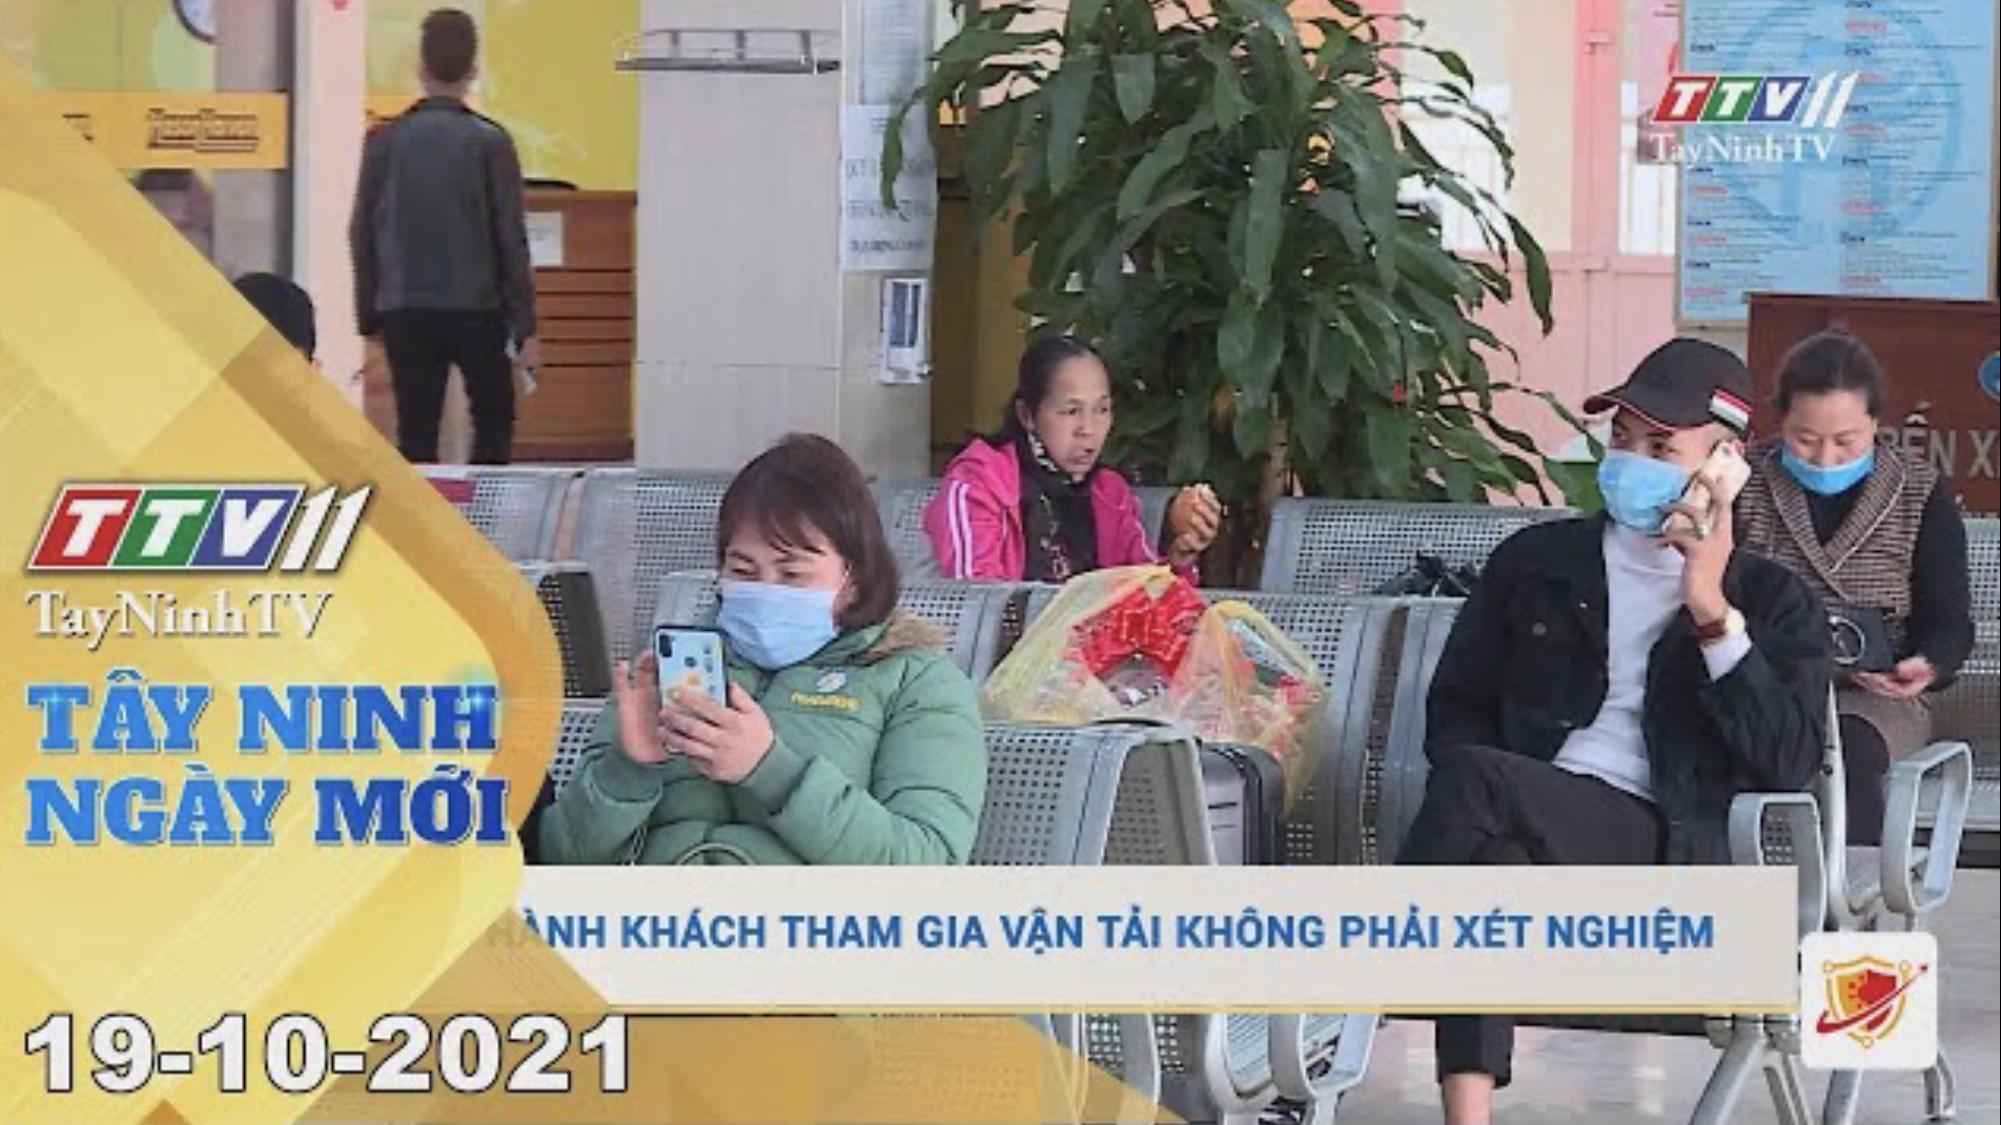 TÂY NINH NGÀY MỚI 19/10/2021 | Tin tức hôm nay | TayNinhTV